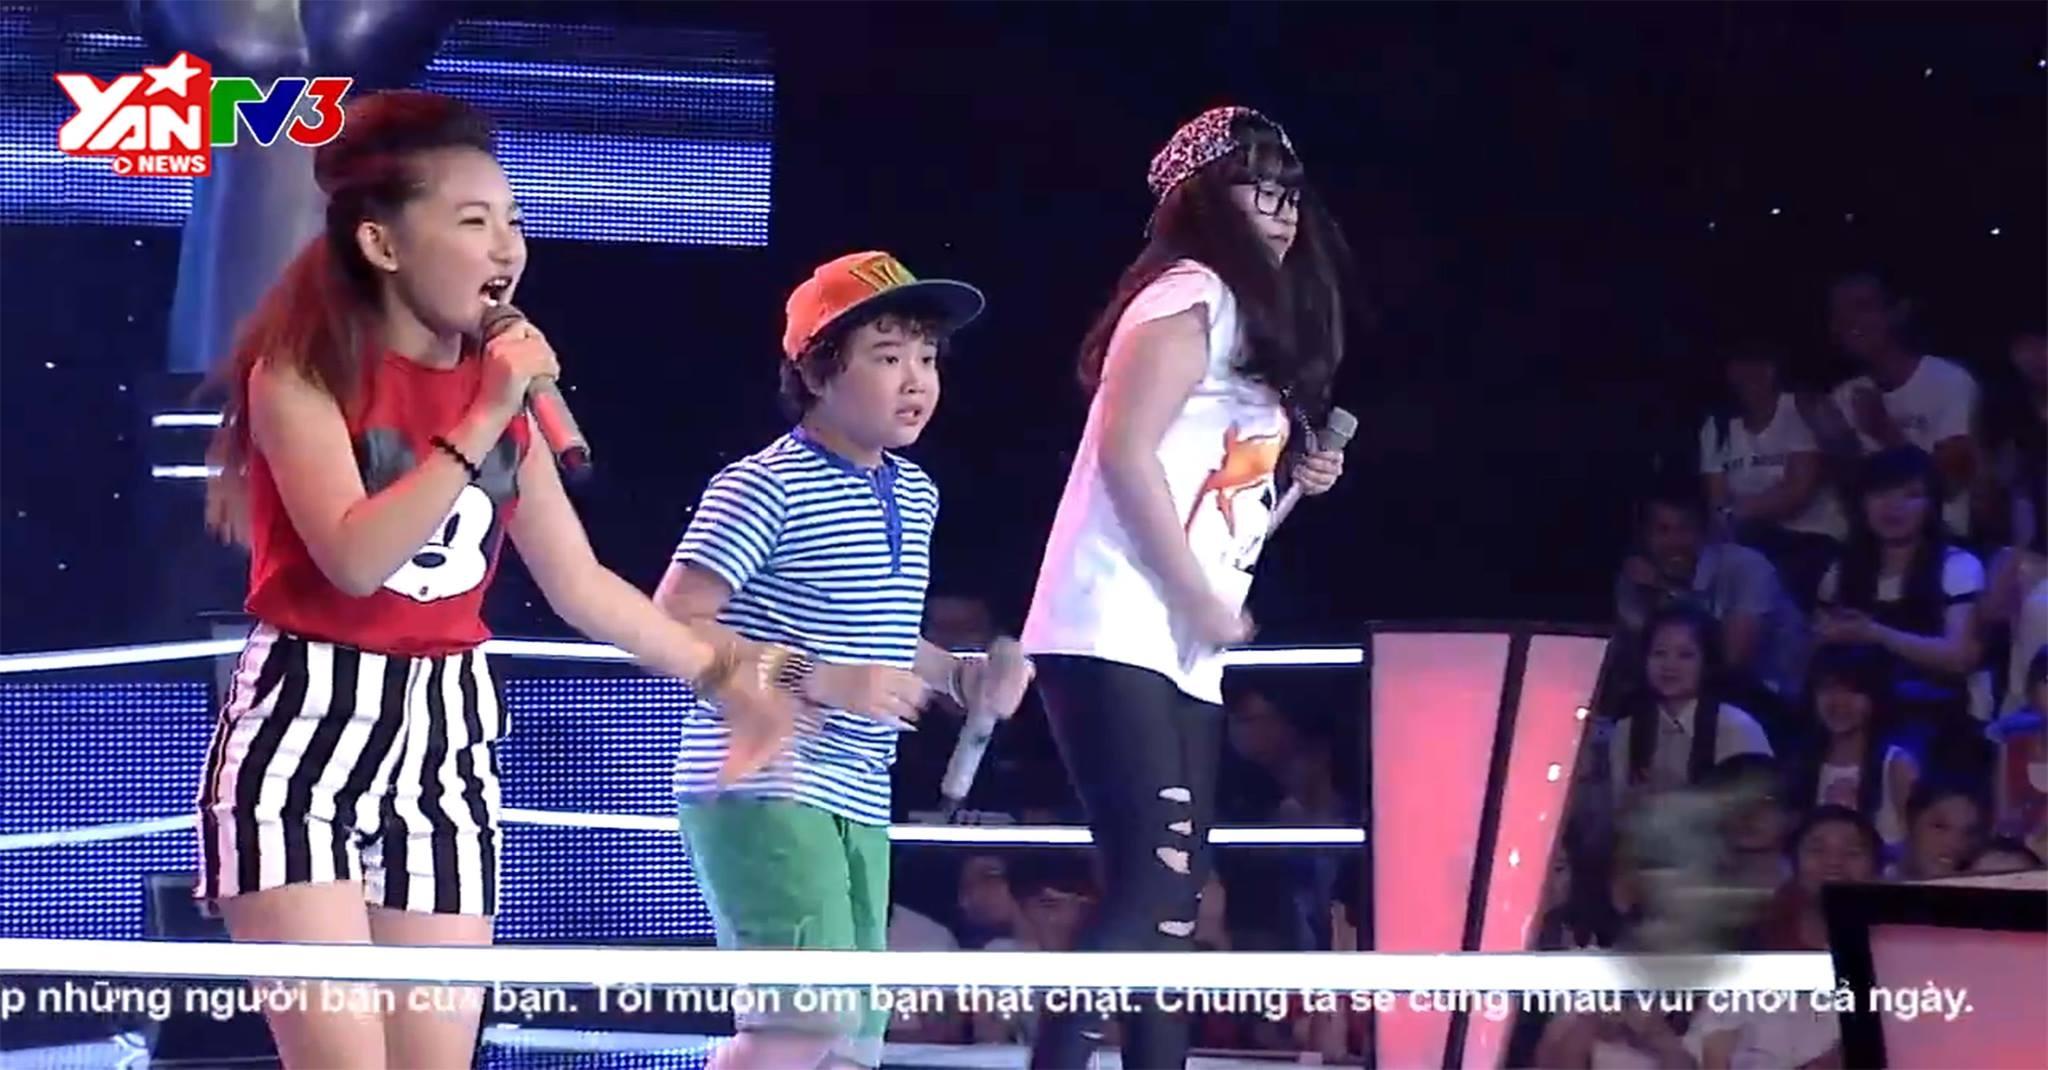 [Giọng Hát Việt Nhí] Hồ Hoài Anh cho học trò cover hit của One Direction